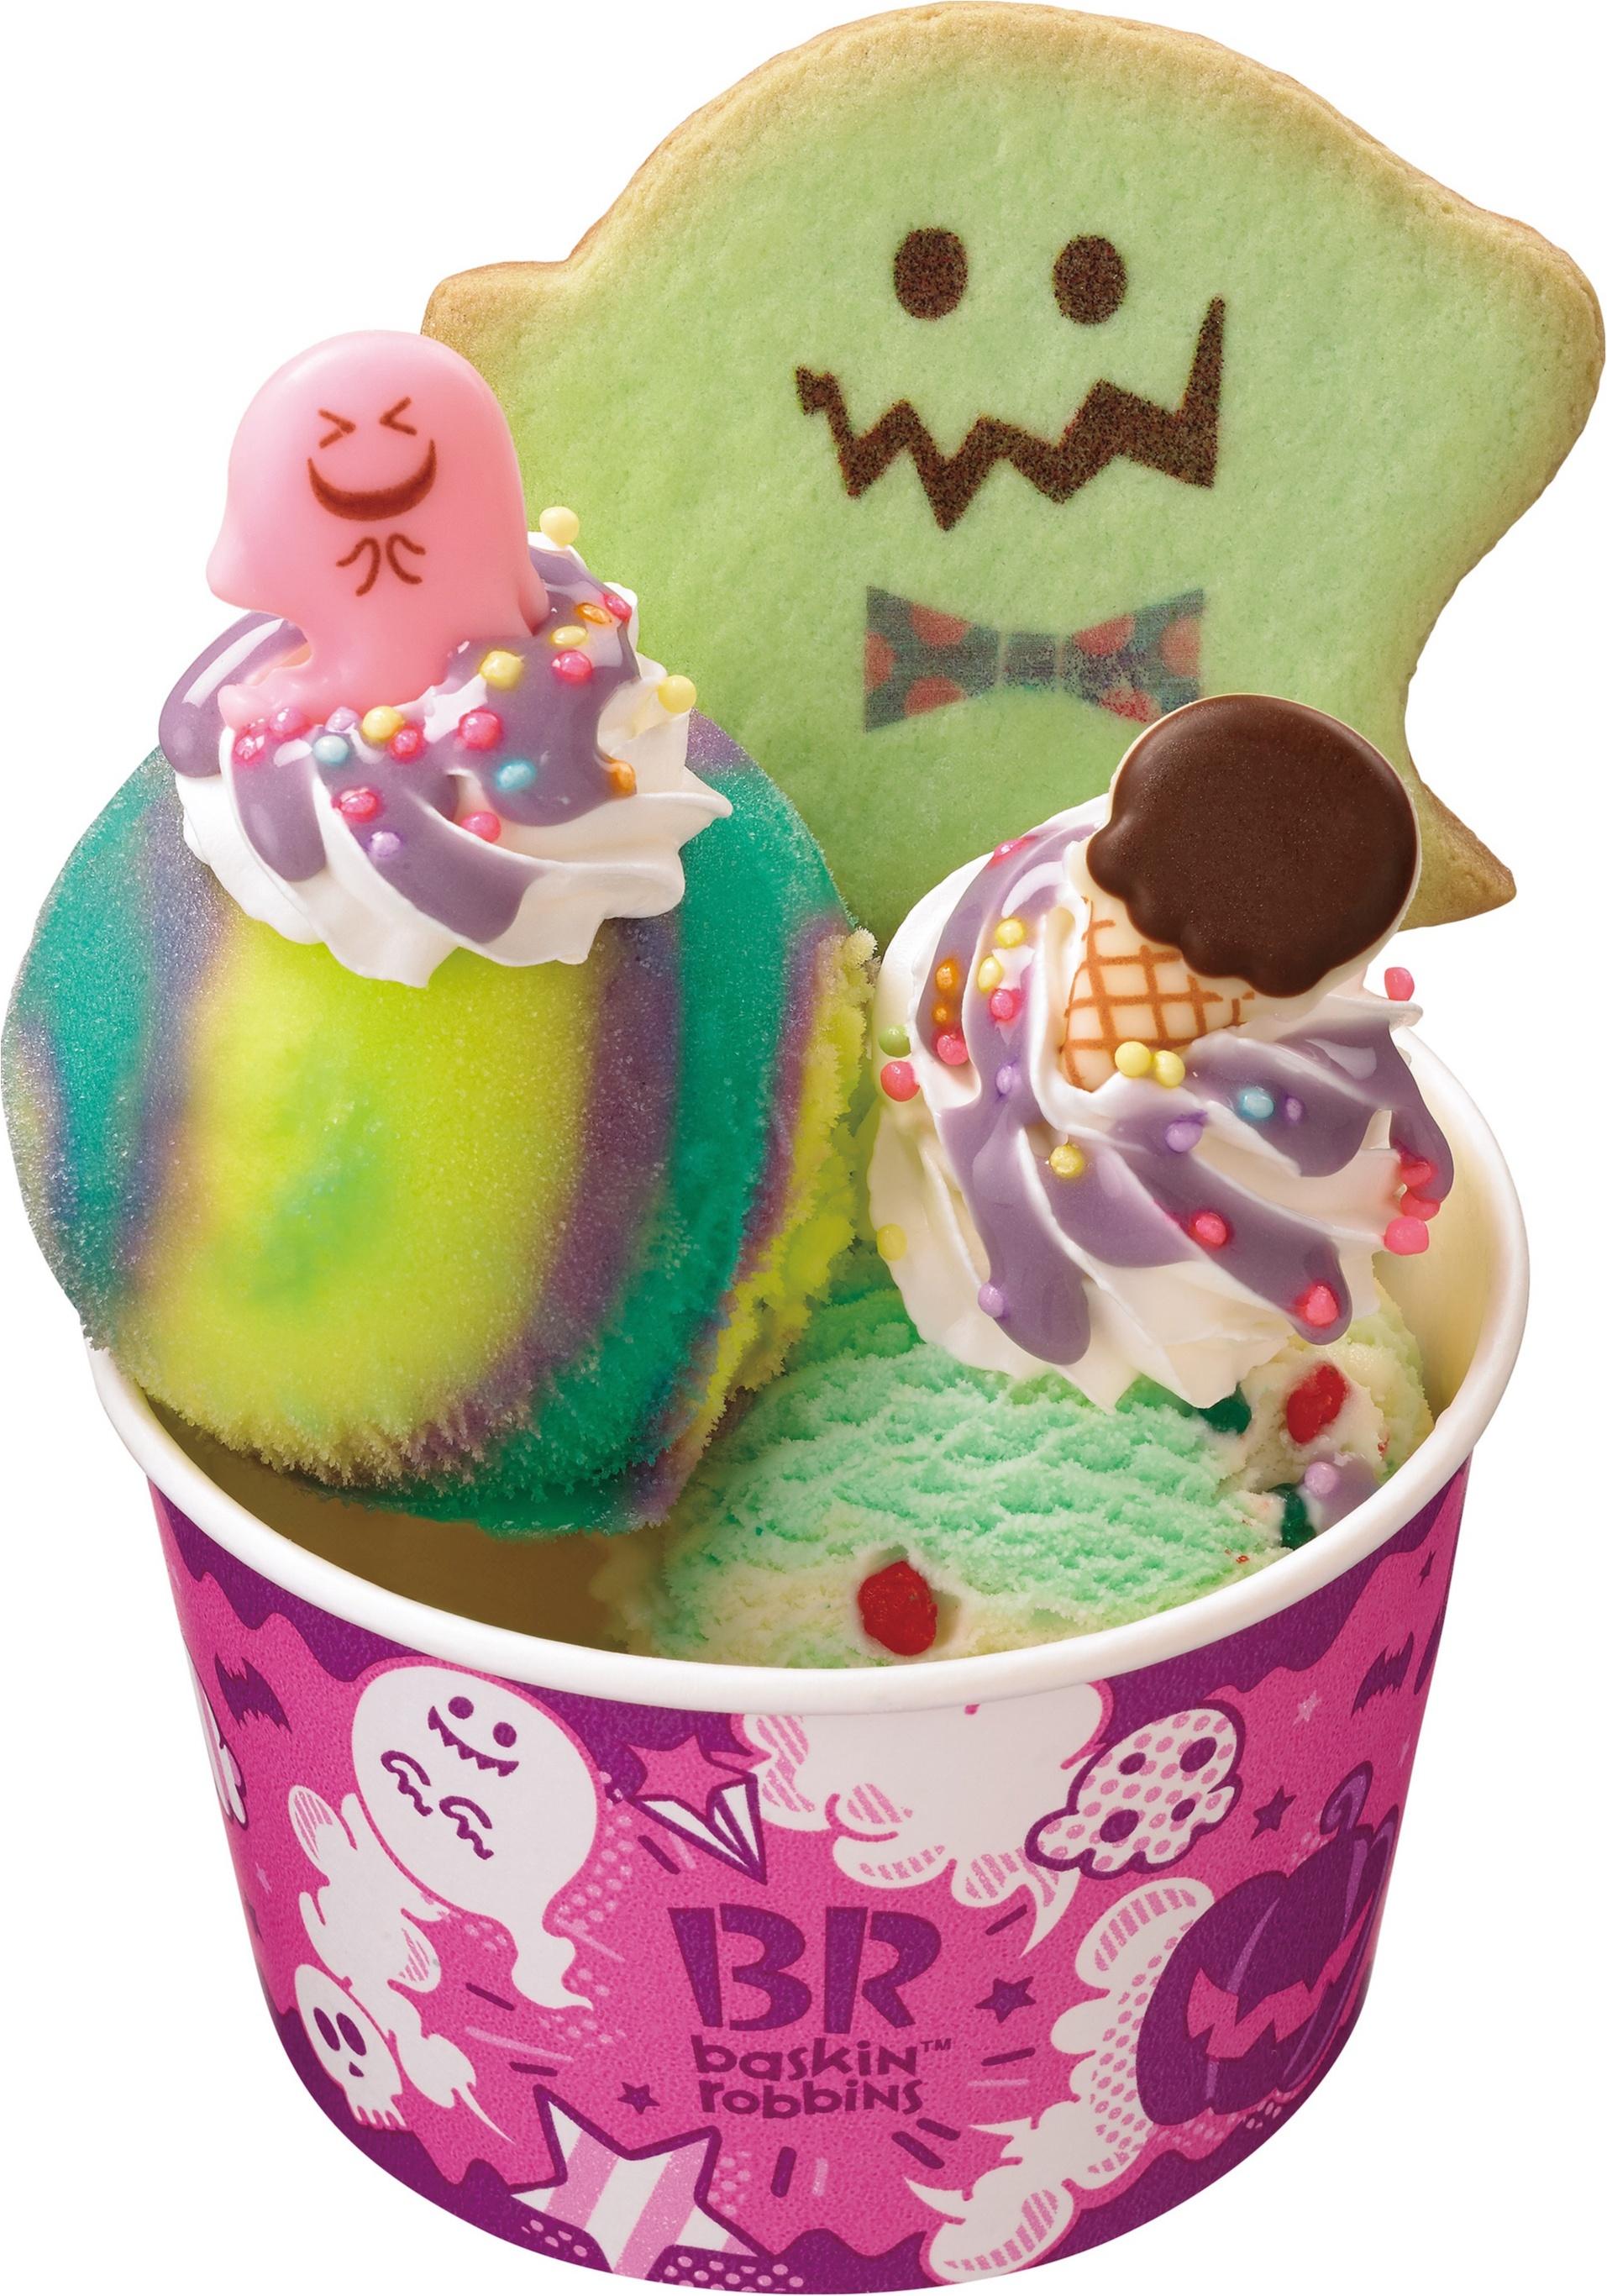 『サーティワン アイスクリーム』のやりすぎ!?なハロウィンがスタート☆ 10/31(火)までの限定サンデーは超キュート♡_1_4